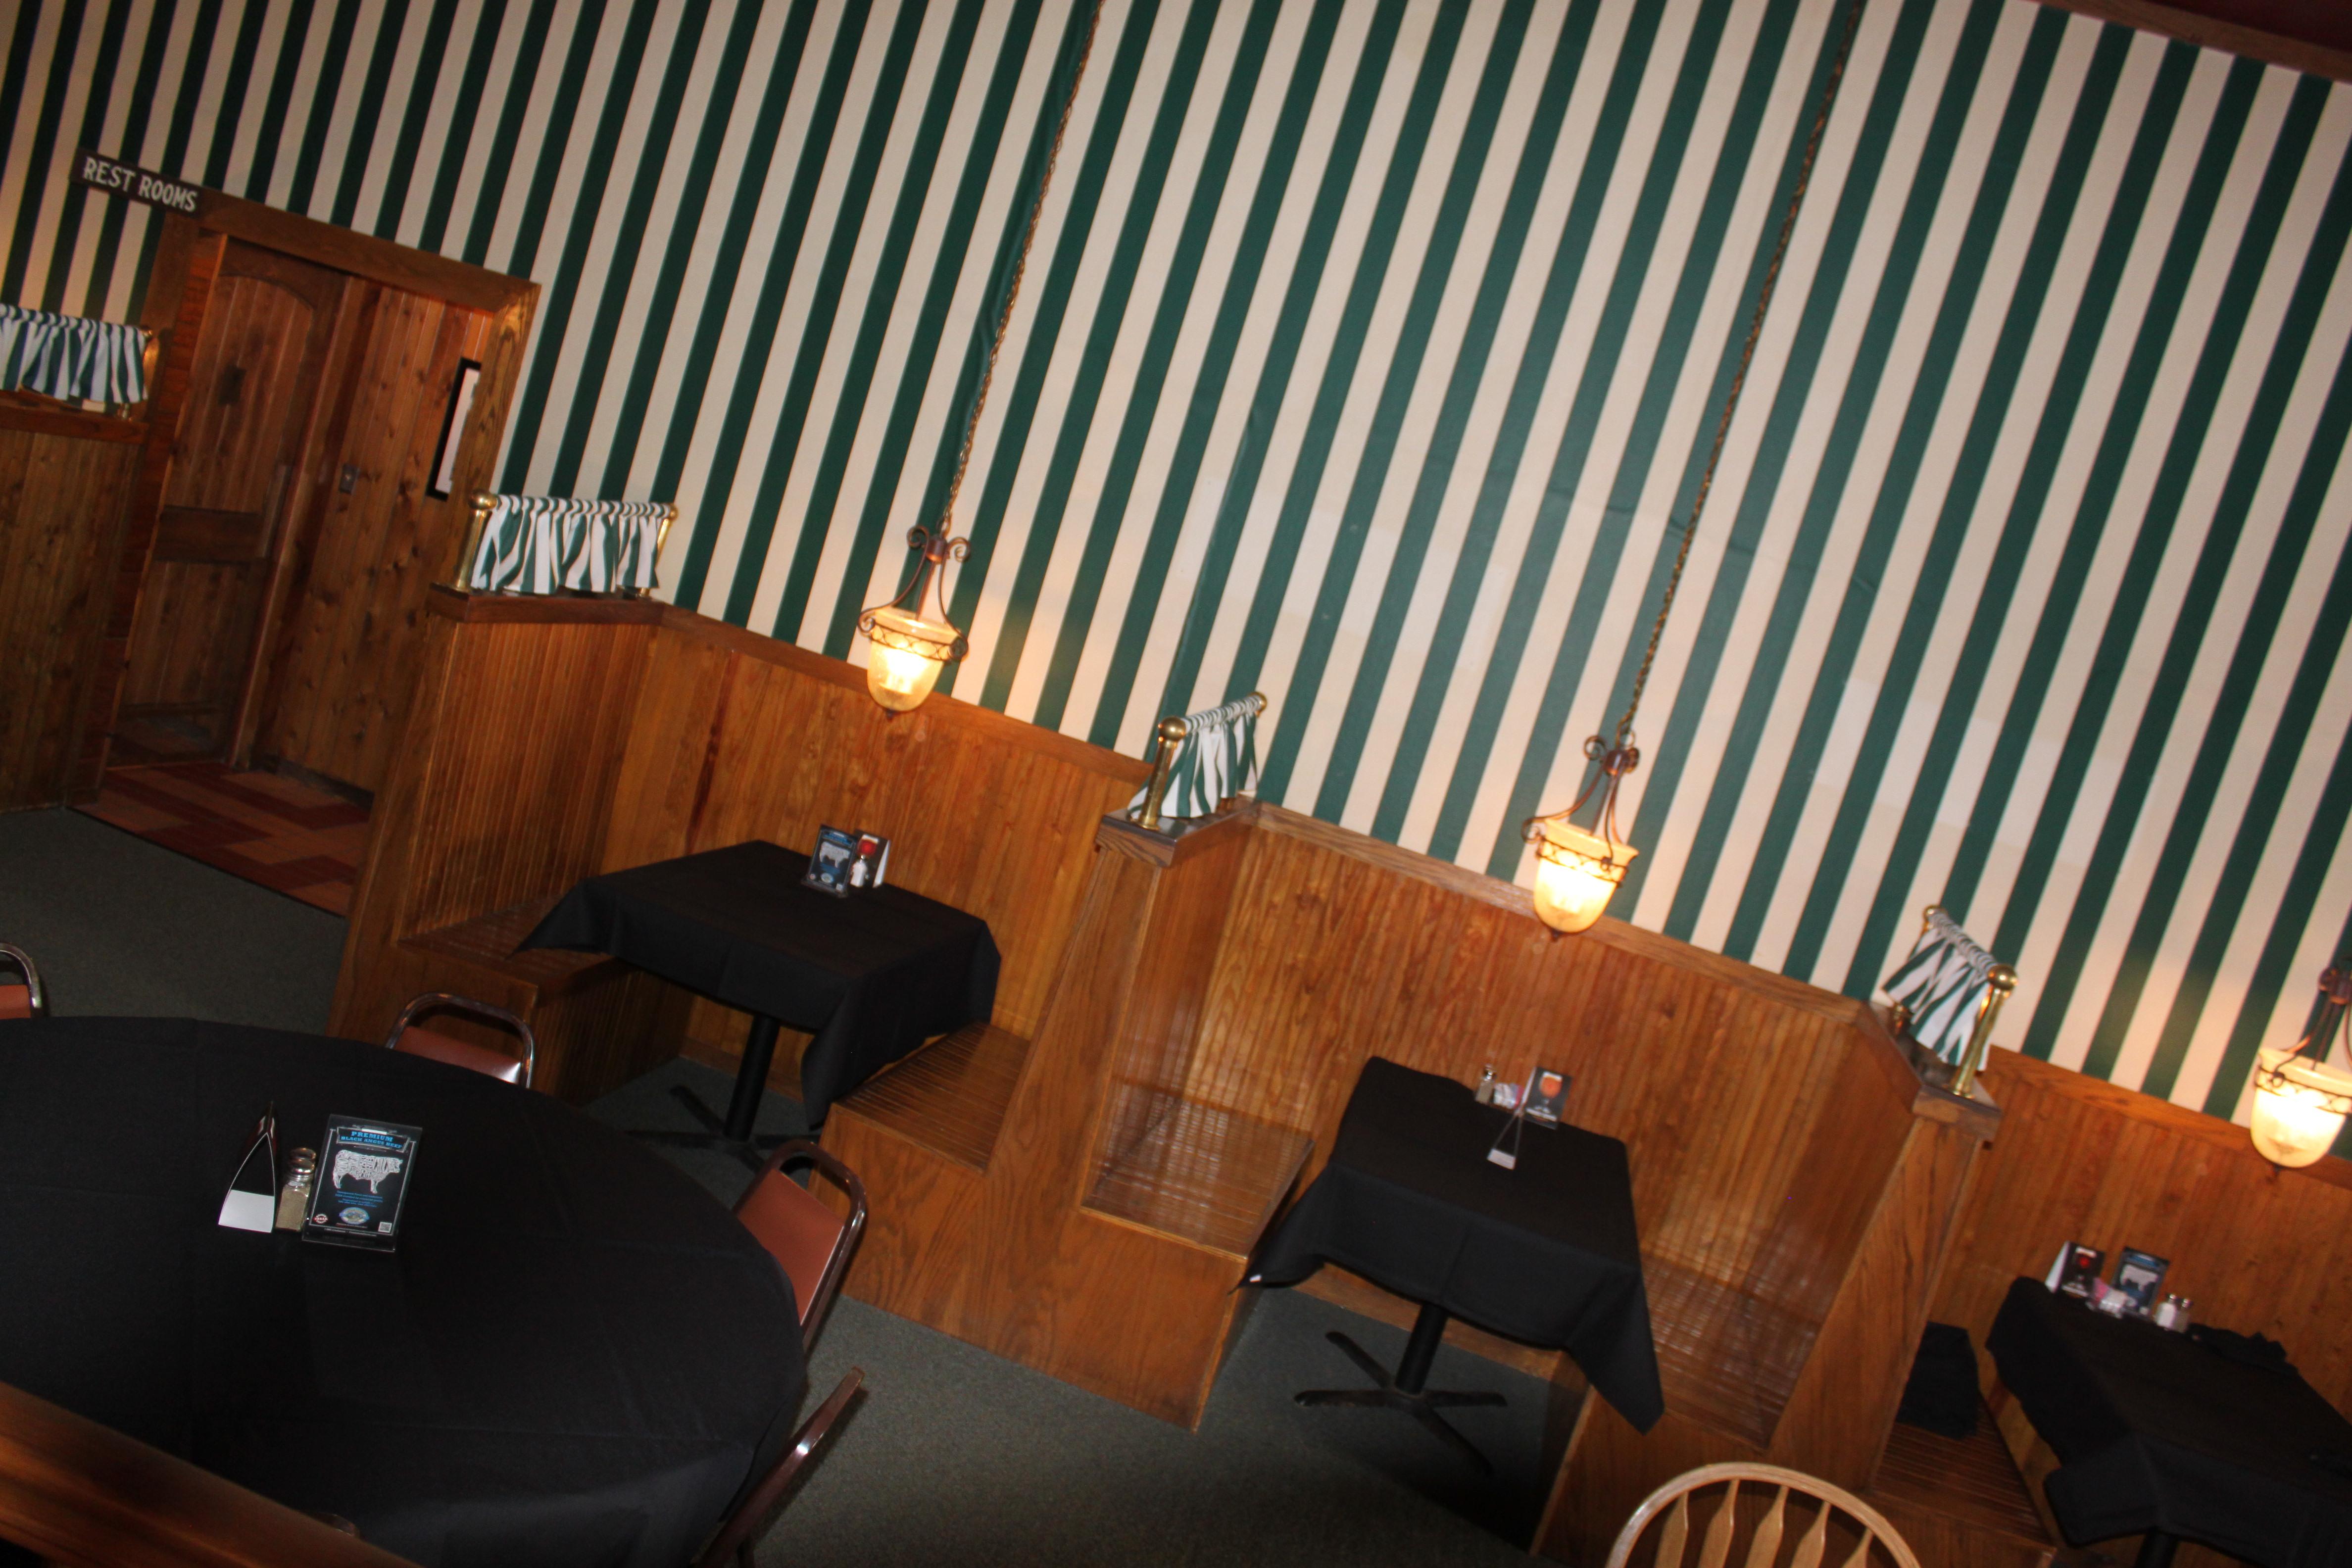 West Dinning Room